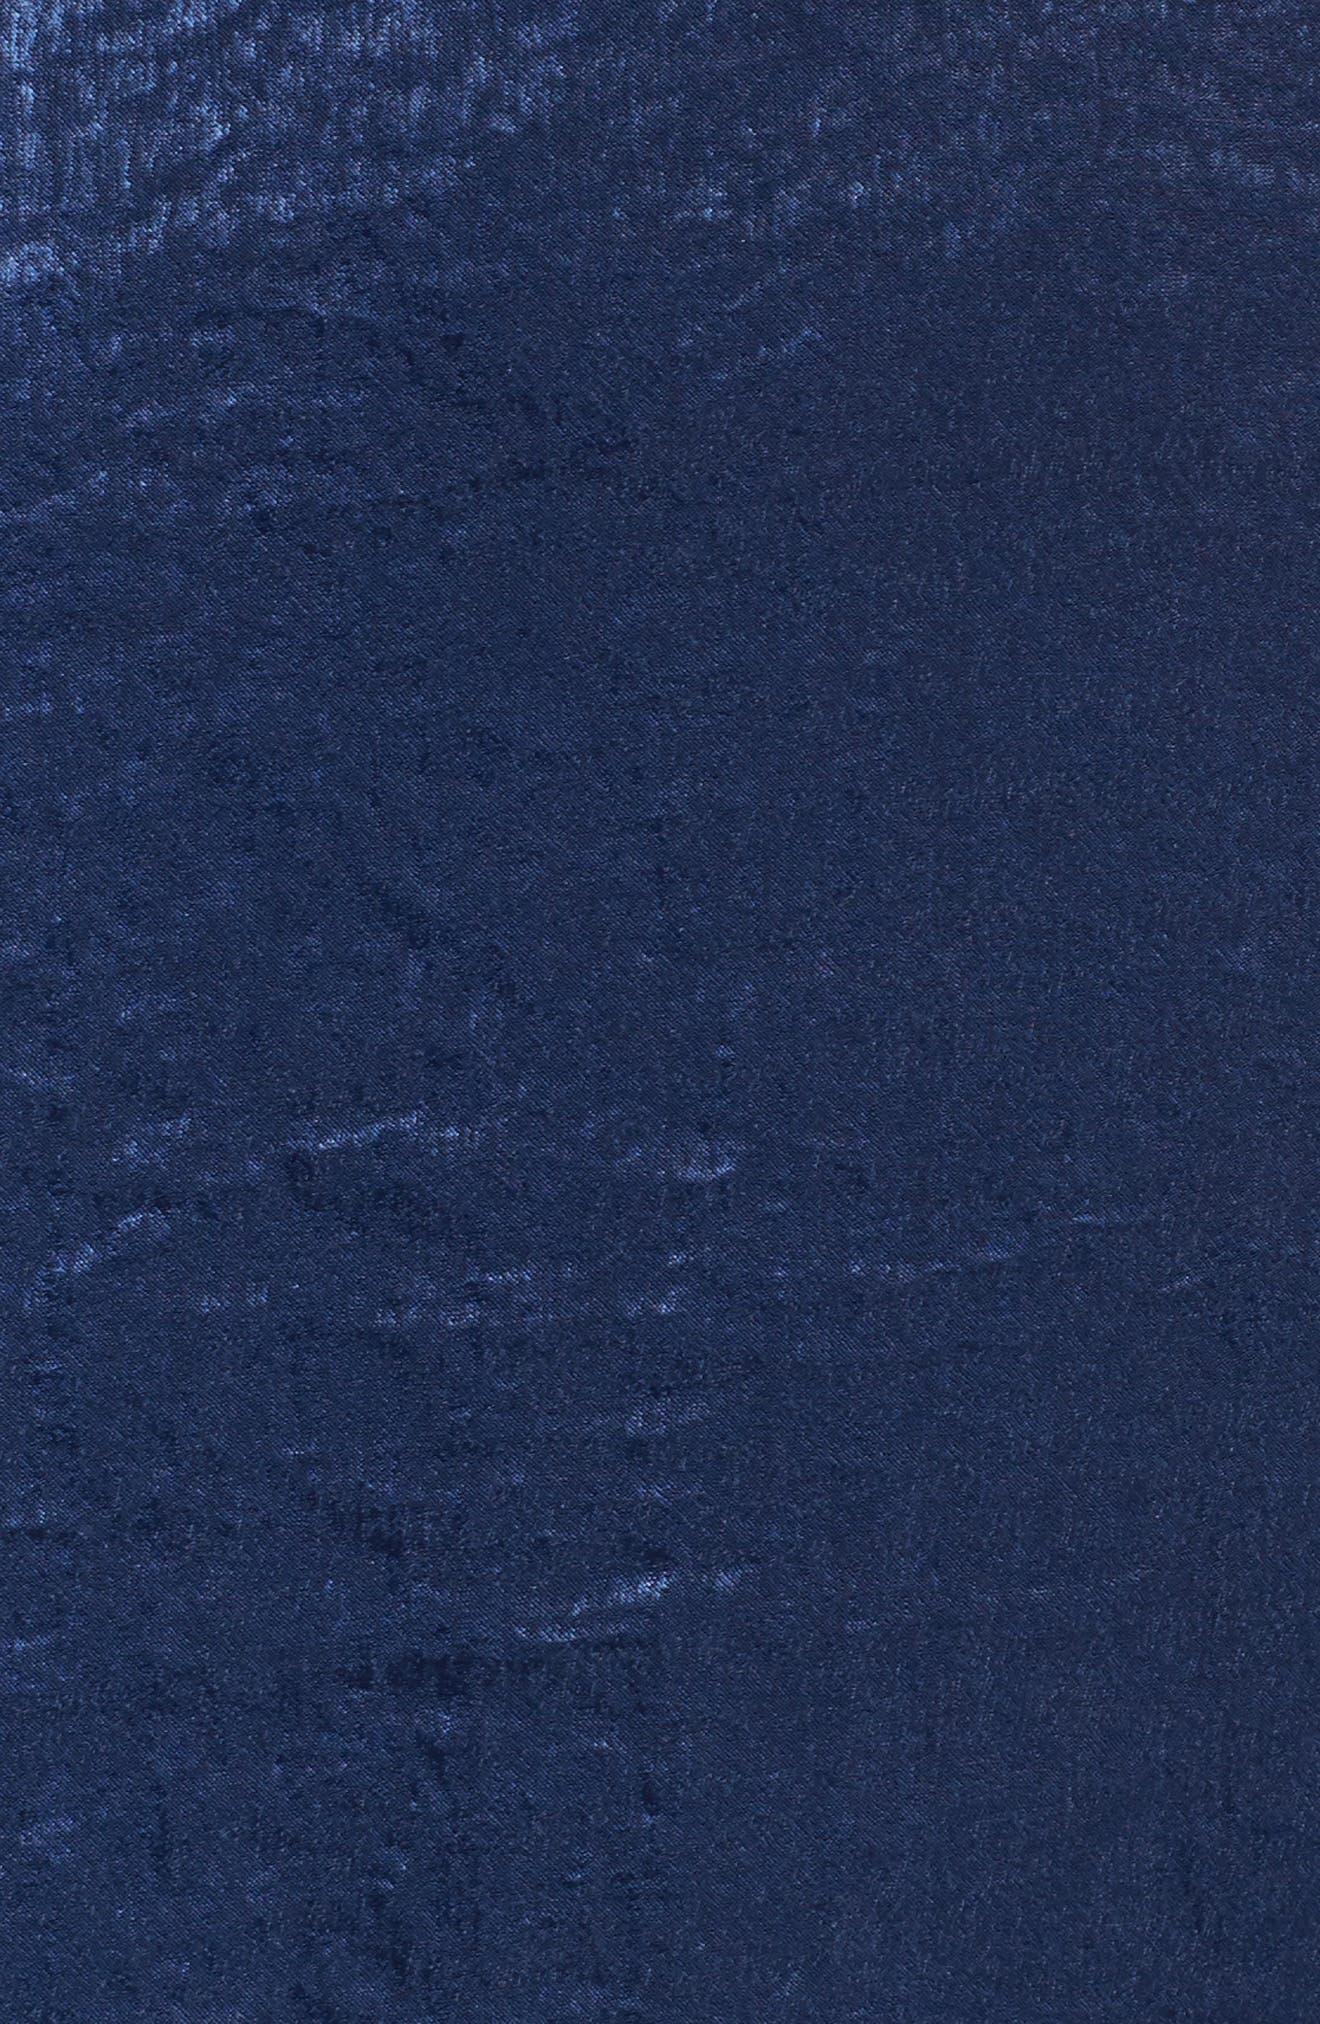 Satin Cold Shoulder Dress,                             Alternate thumbnail 5, color,                             400